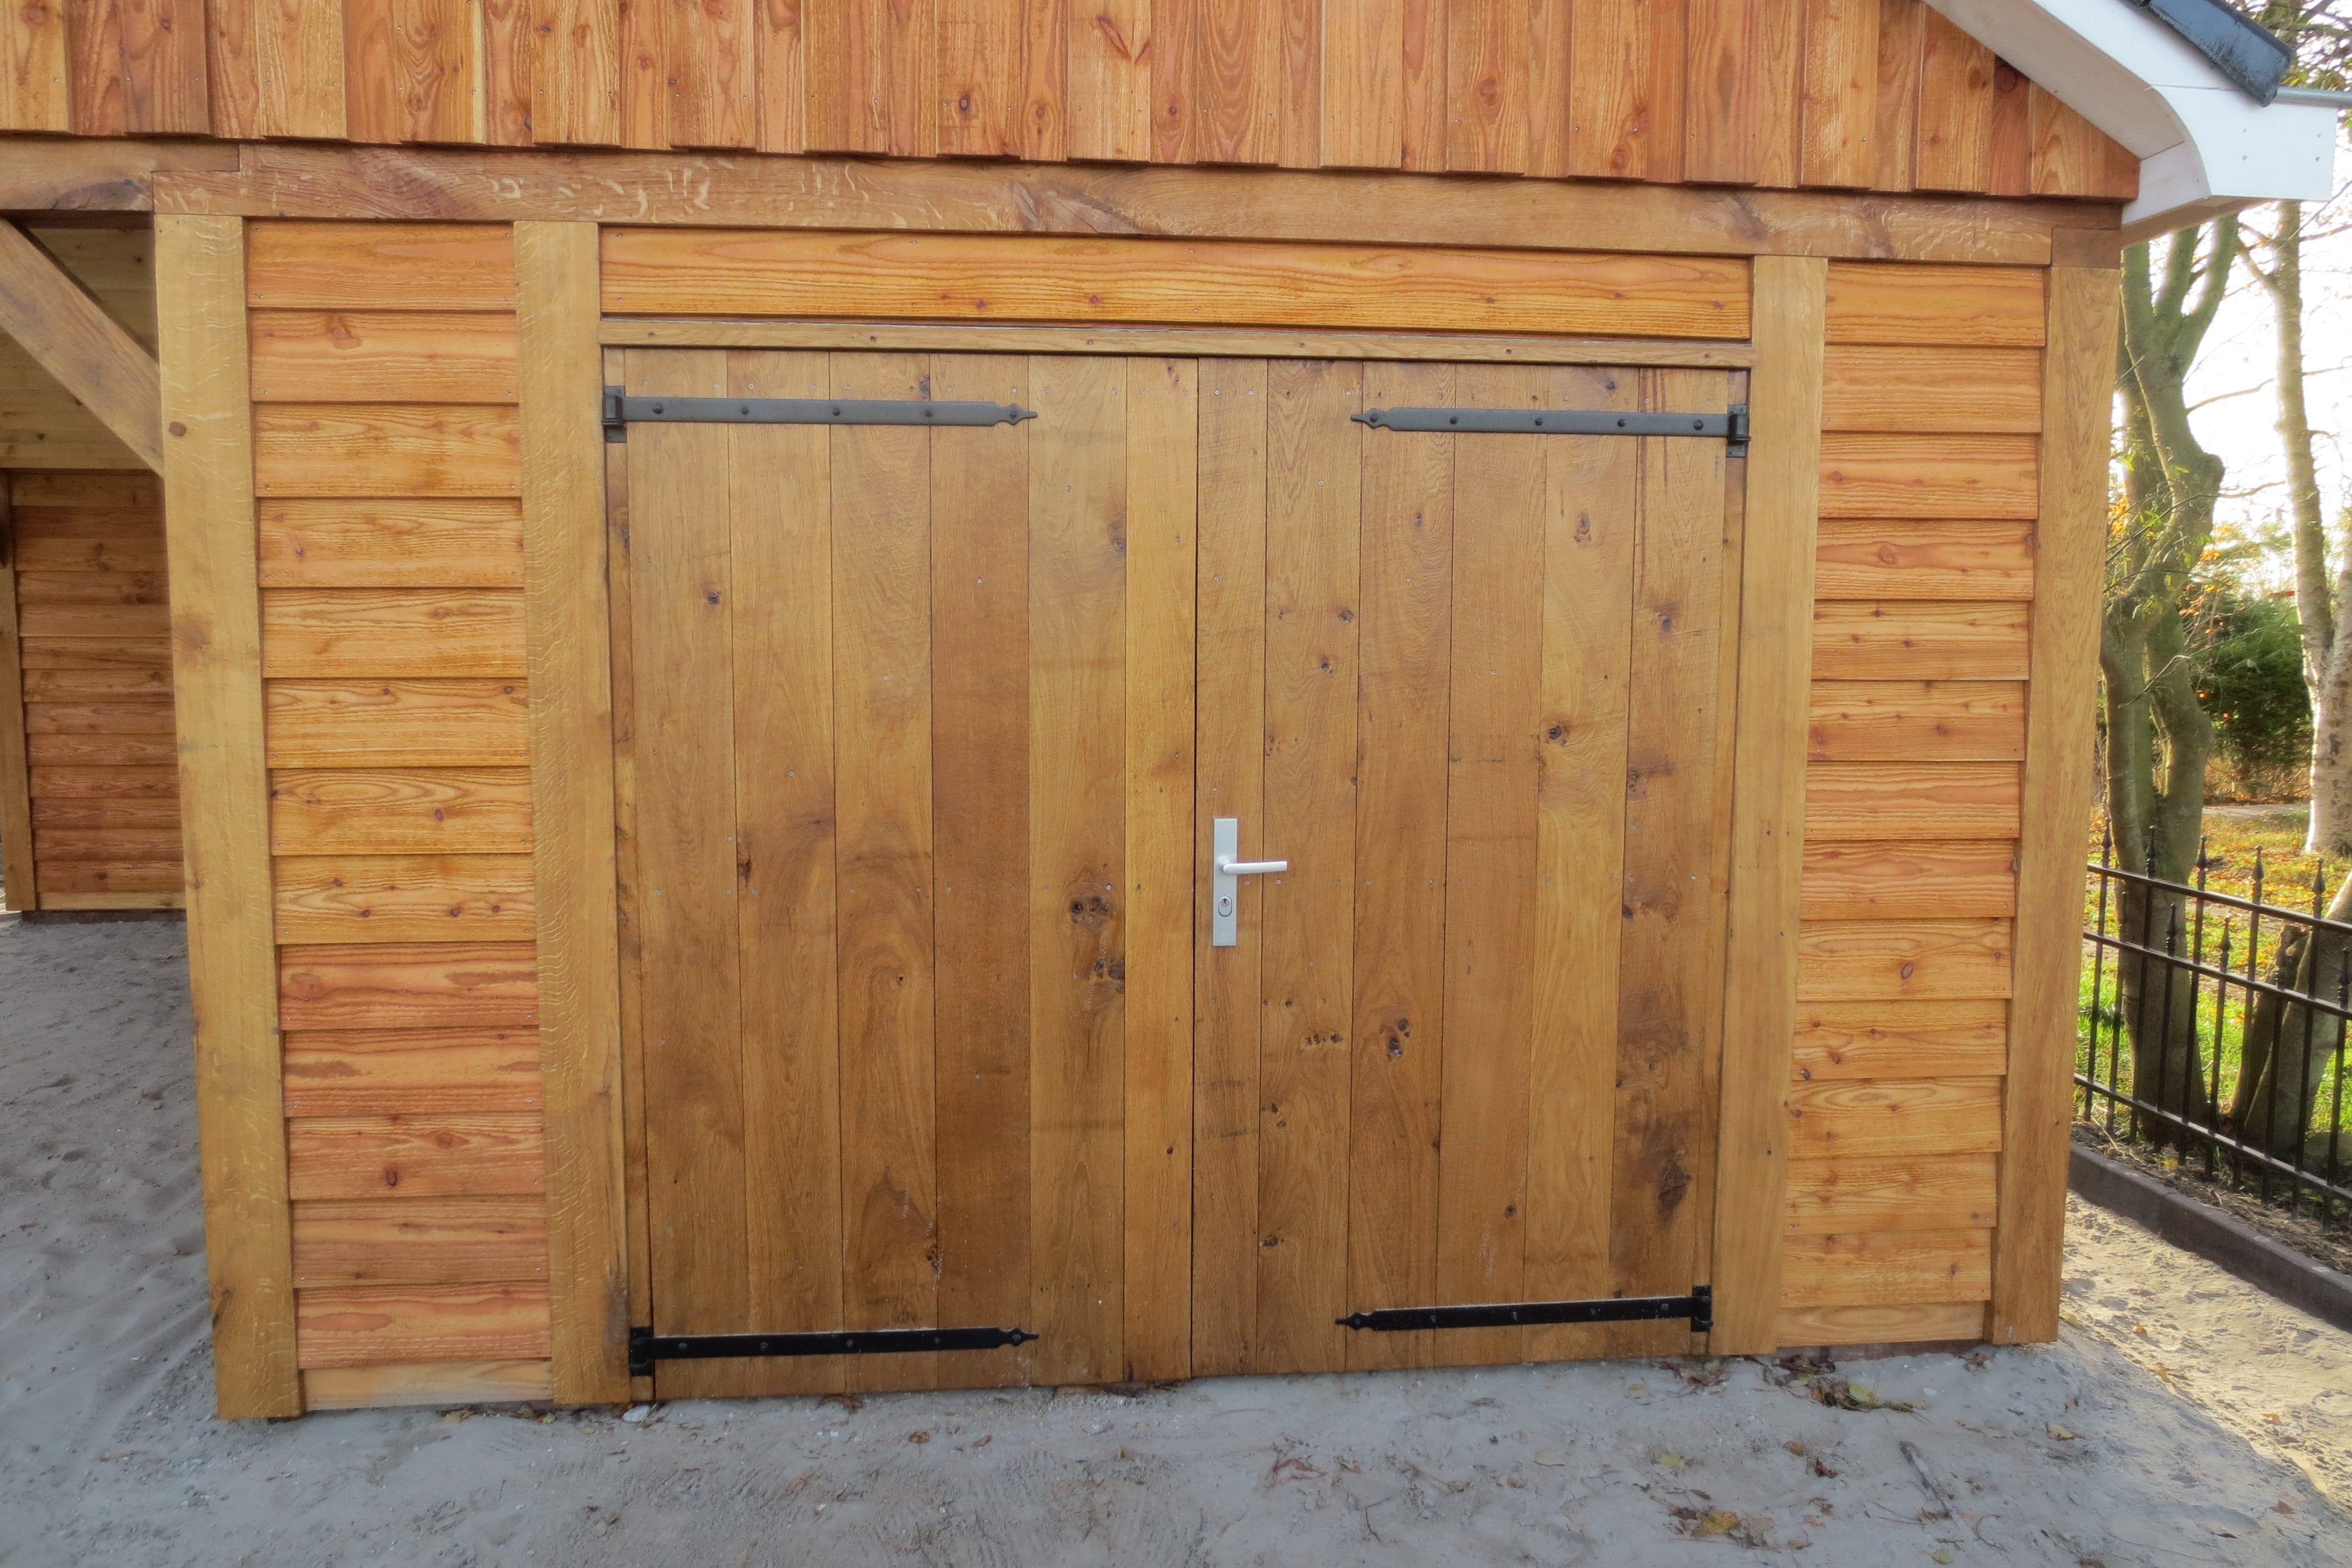 houten-garage-met-carport-1 - Project Enkhuizen: Houten garage met carport